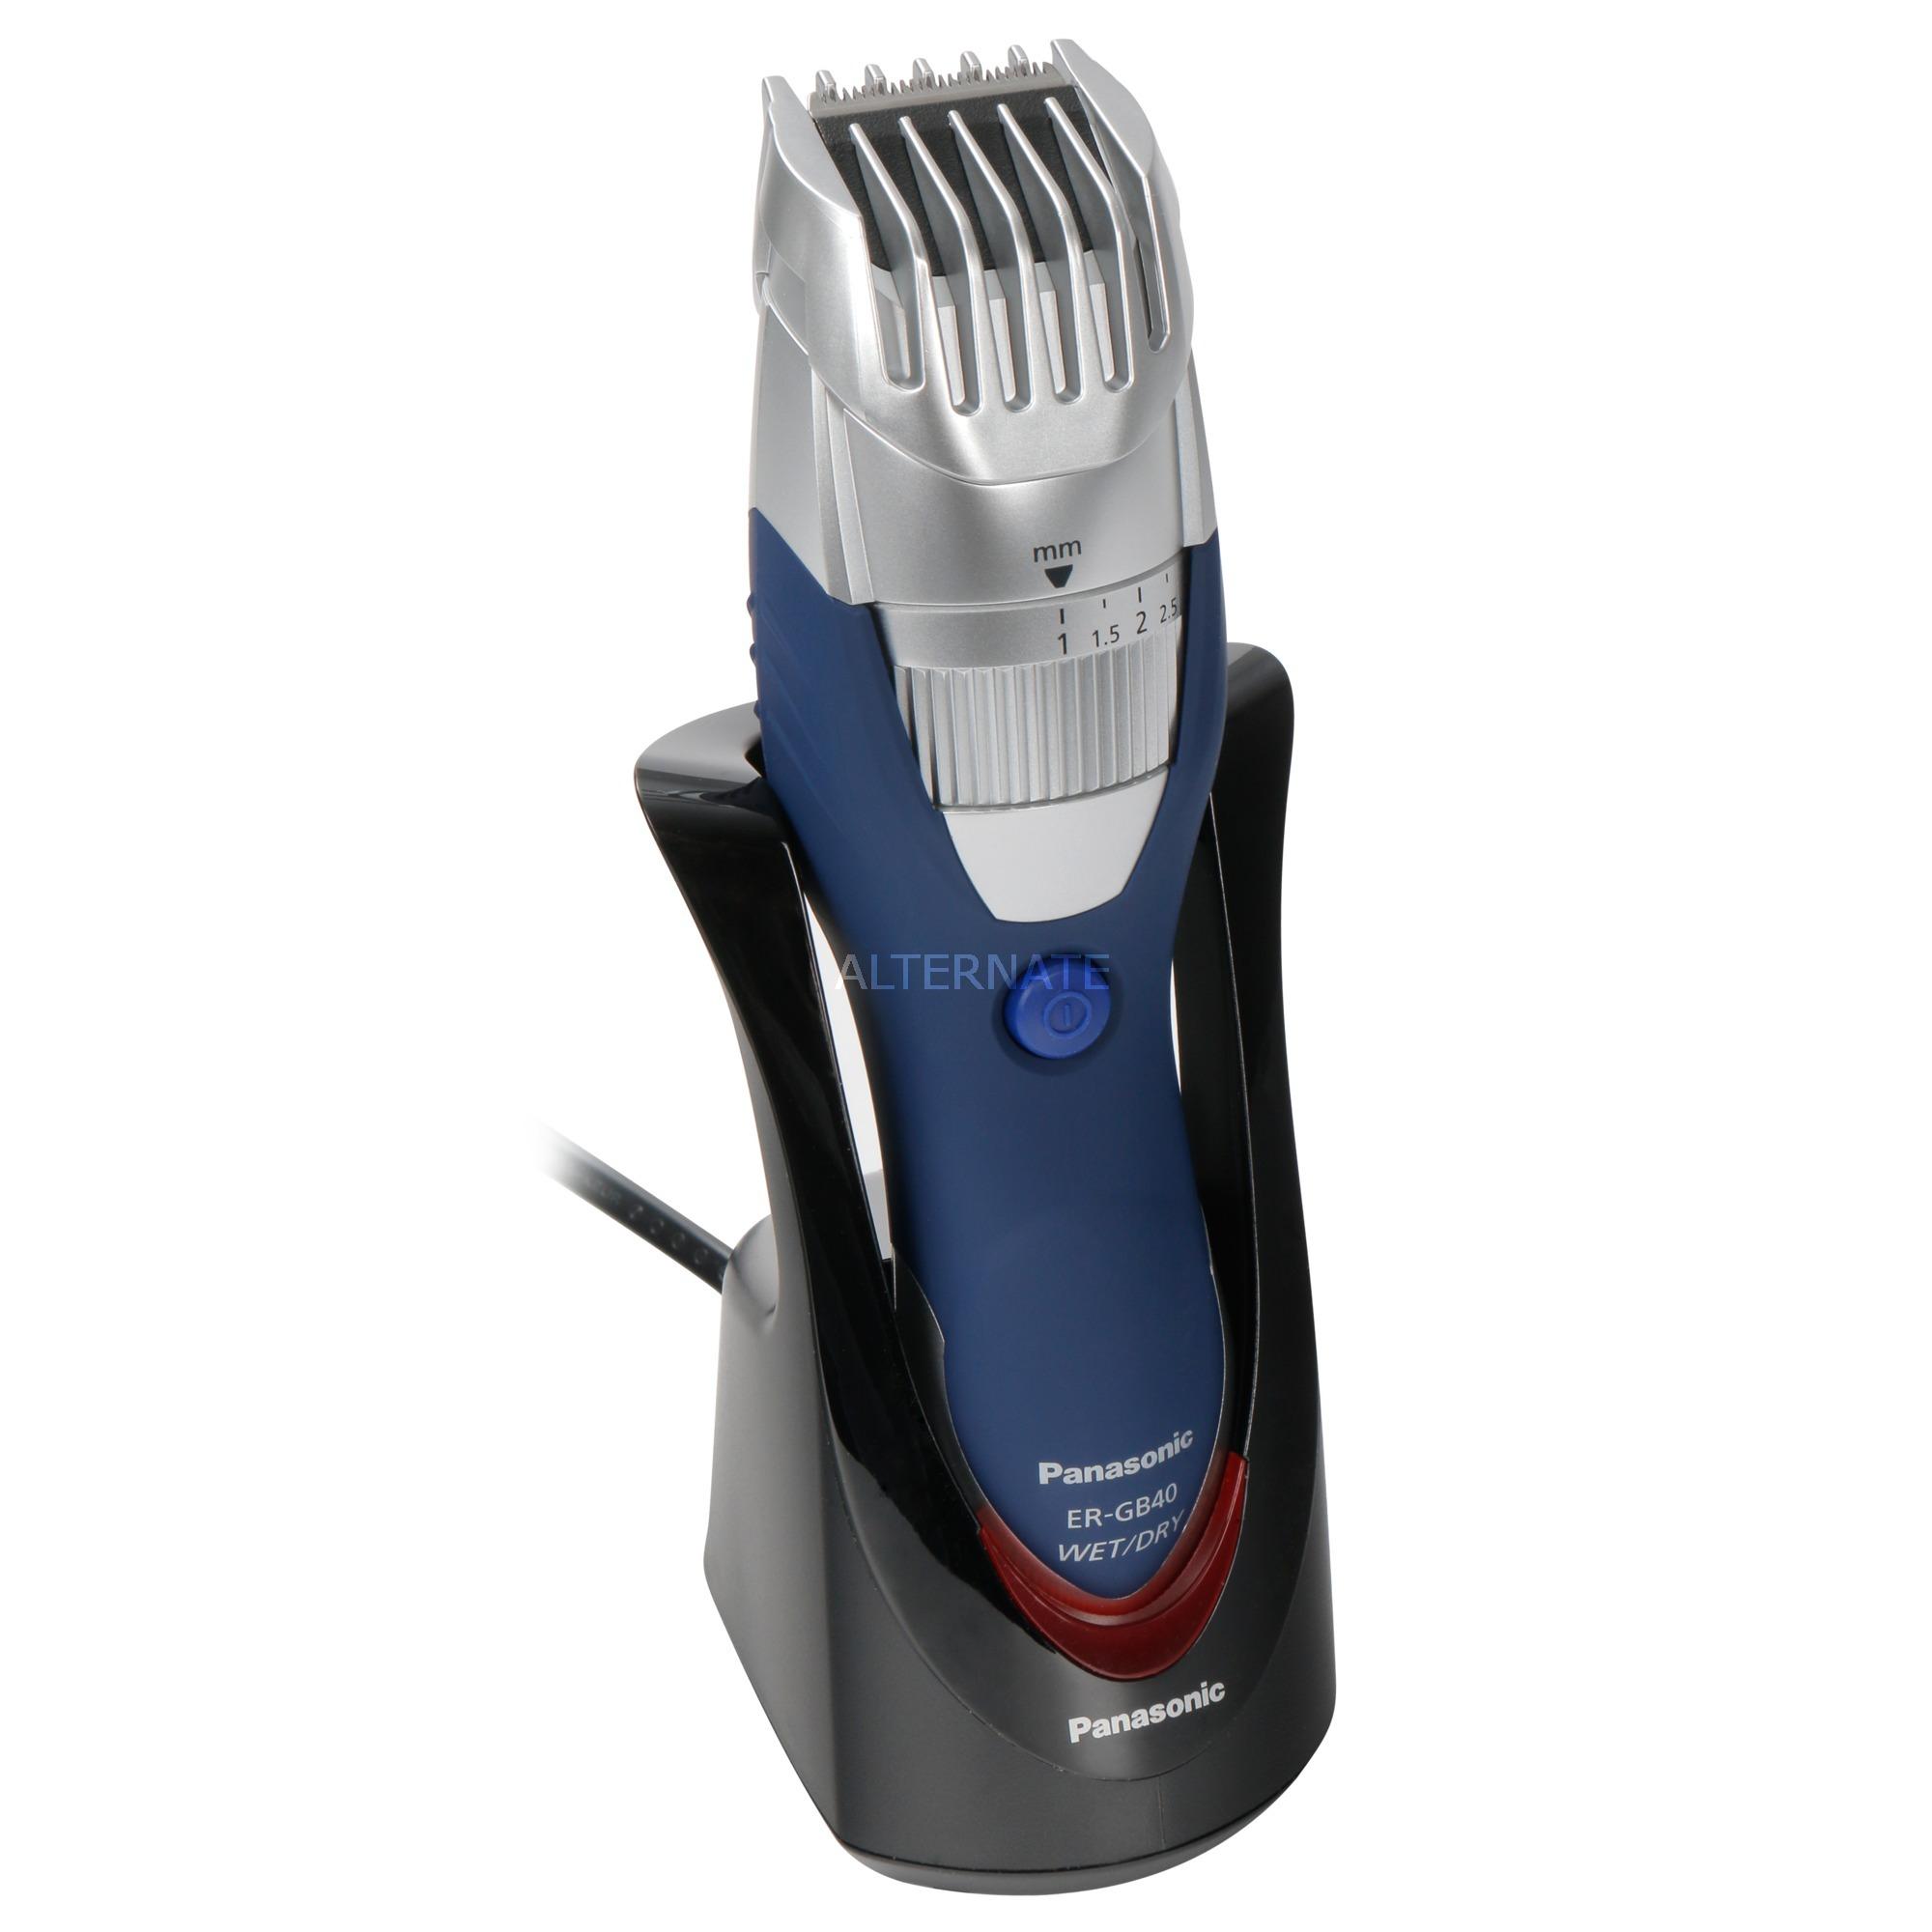 ER-GB40 Mojado y seco Azul, Plata depiladora para la barba, Cortapelo para barba